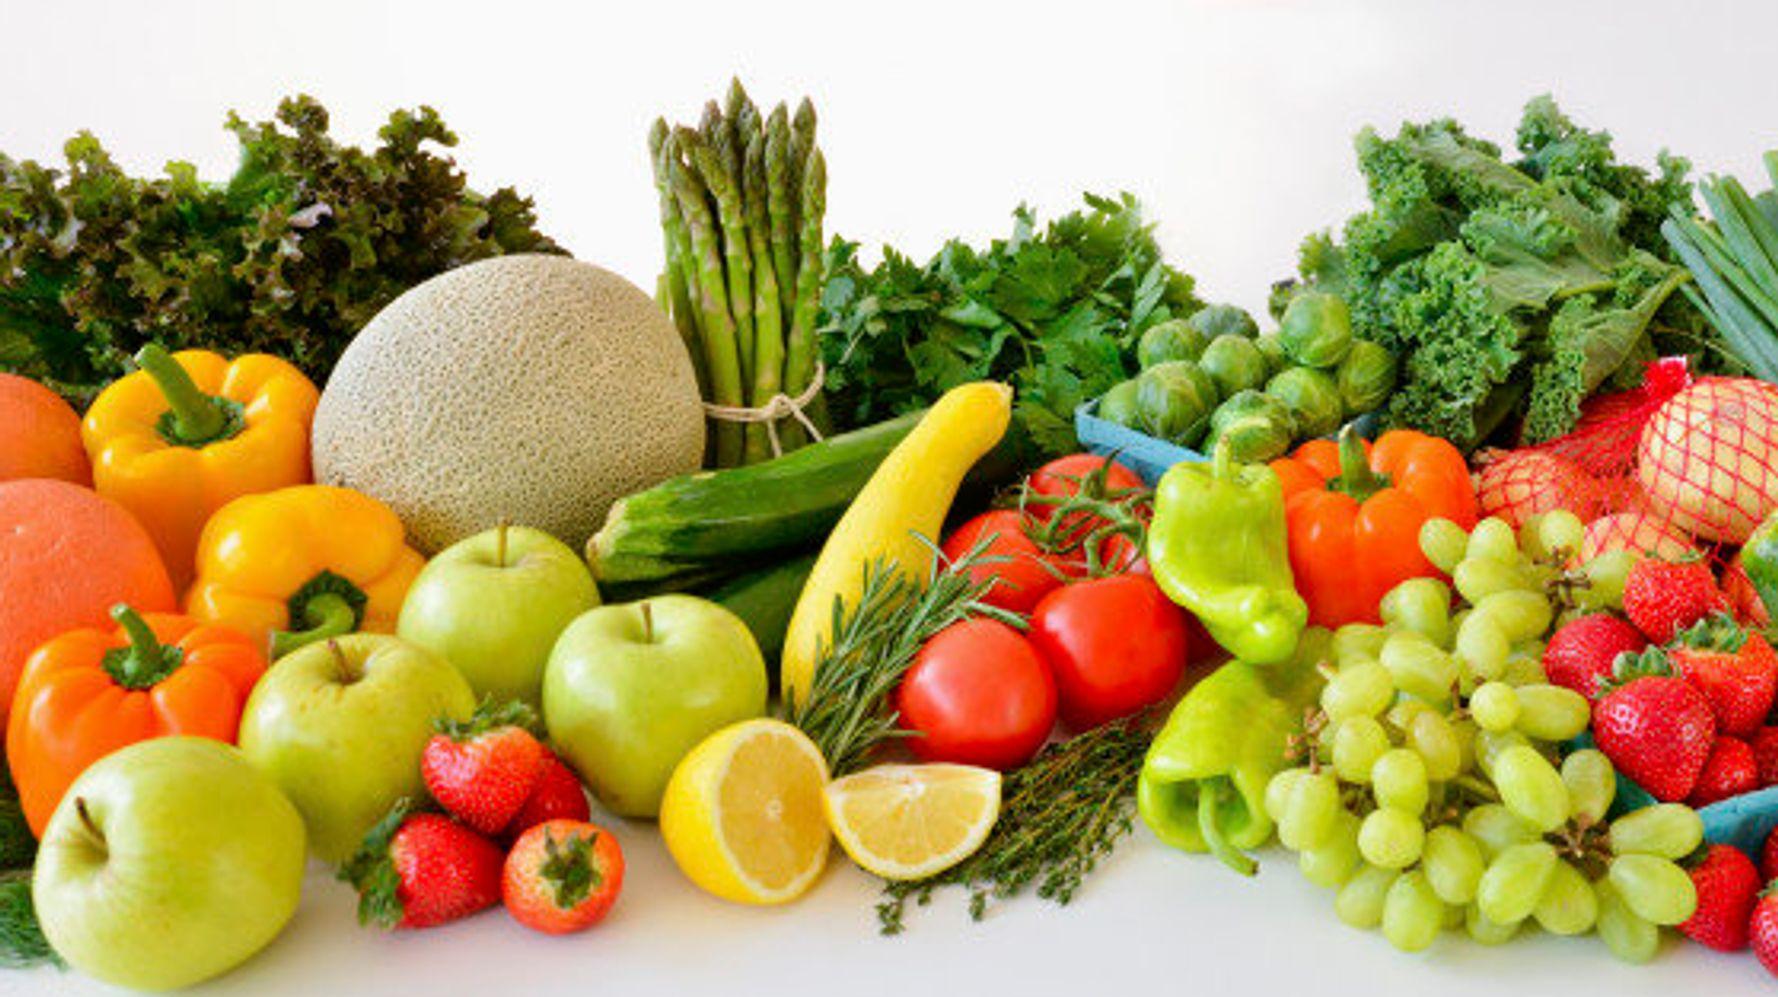 Frutas y verduras: deberíamos comer 7 al día en lugar de 5 |  El Huffington Post LIFE